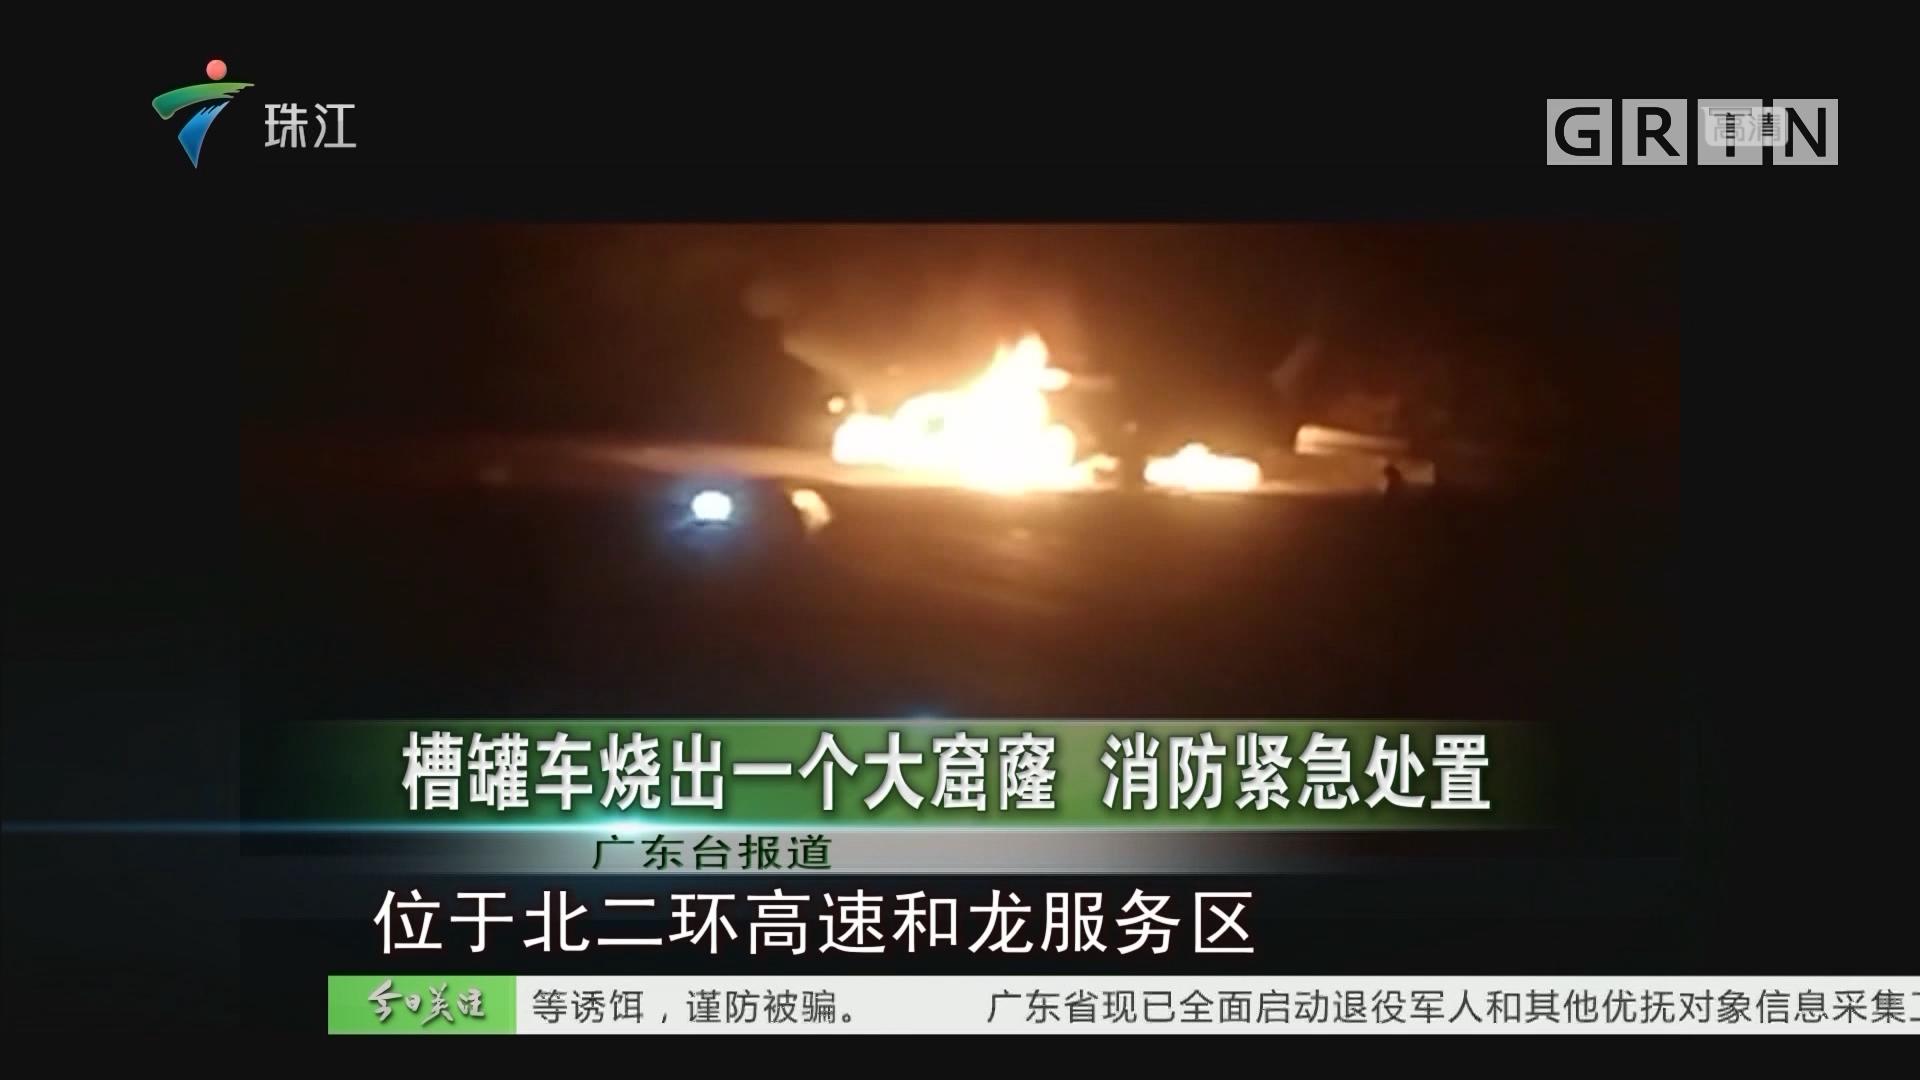 槽罐车烧出一个大窟窿 消防紧急处置